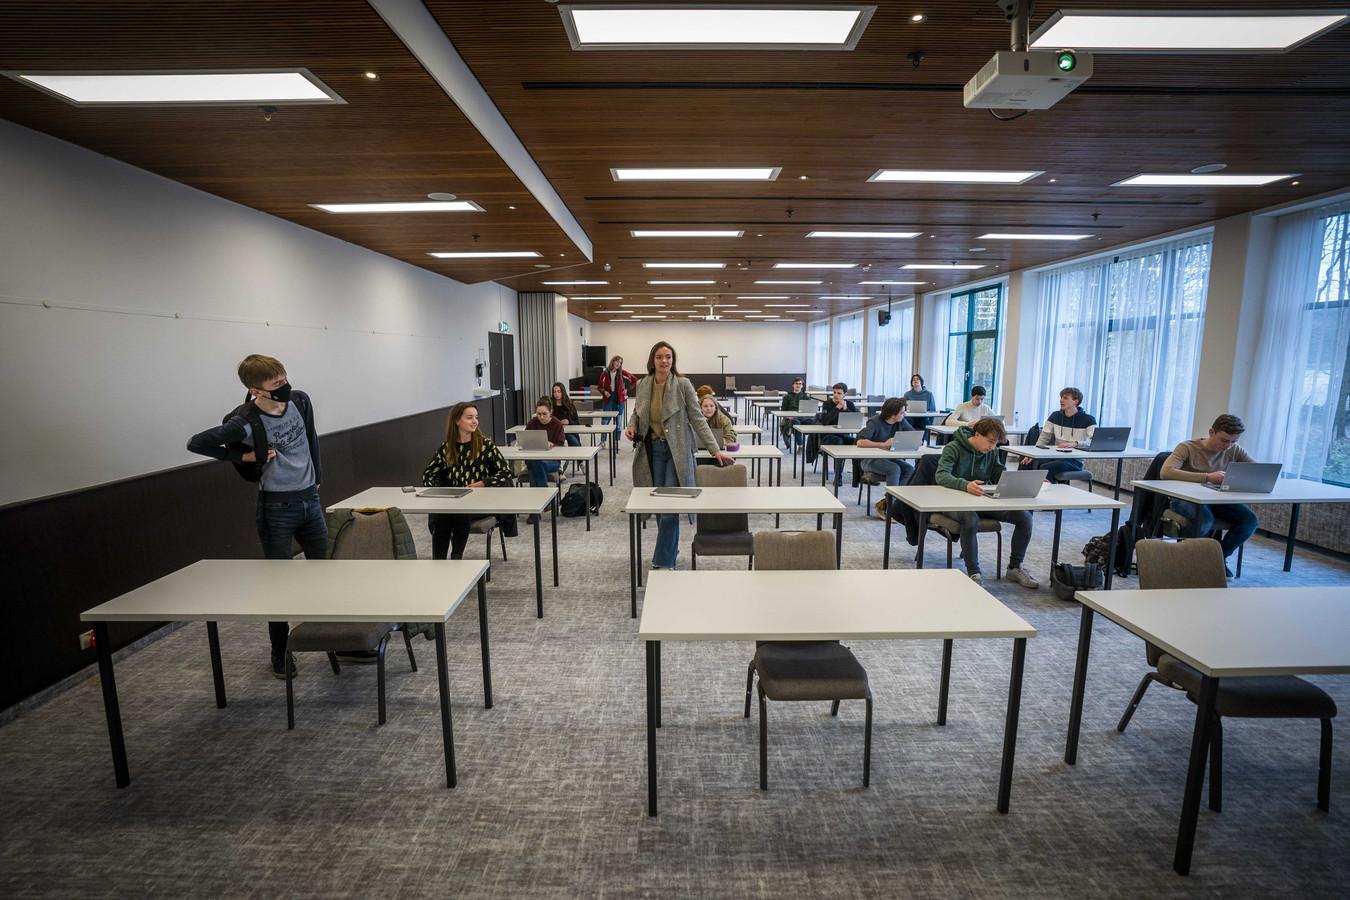 Scholen zijn op zoek gegaan naar externe locaties om meer leerlingen fysiek onderwijs te kunnen geven. Leerlingen van het Teylingen College Leeuwenhorst krijgen les in een nabijgelegen hotel.